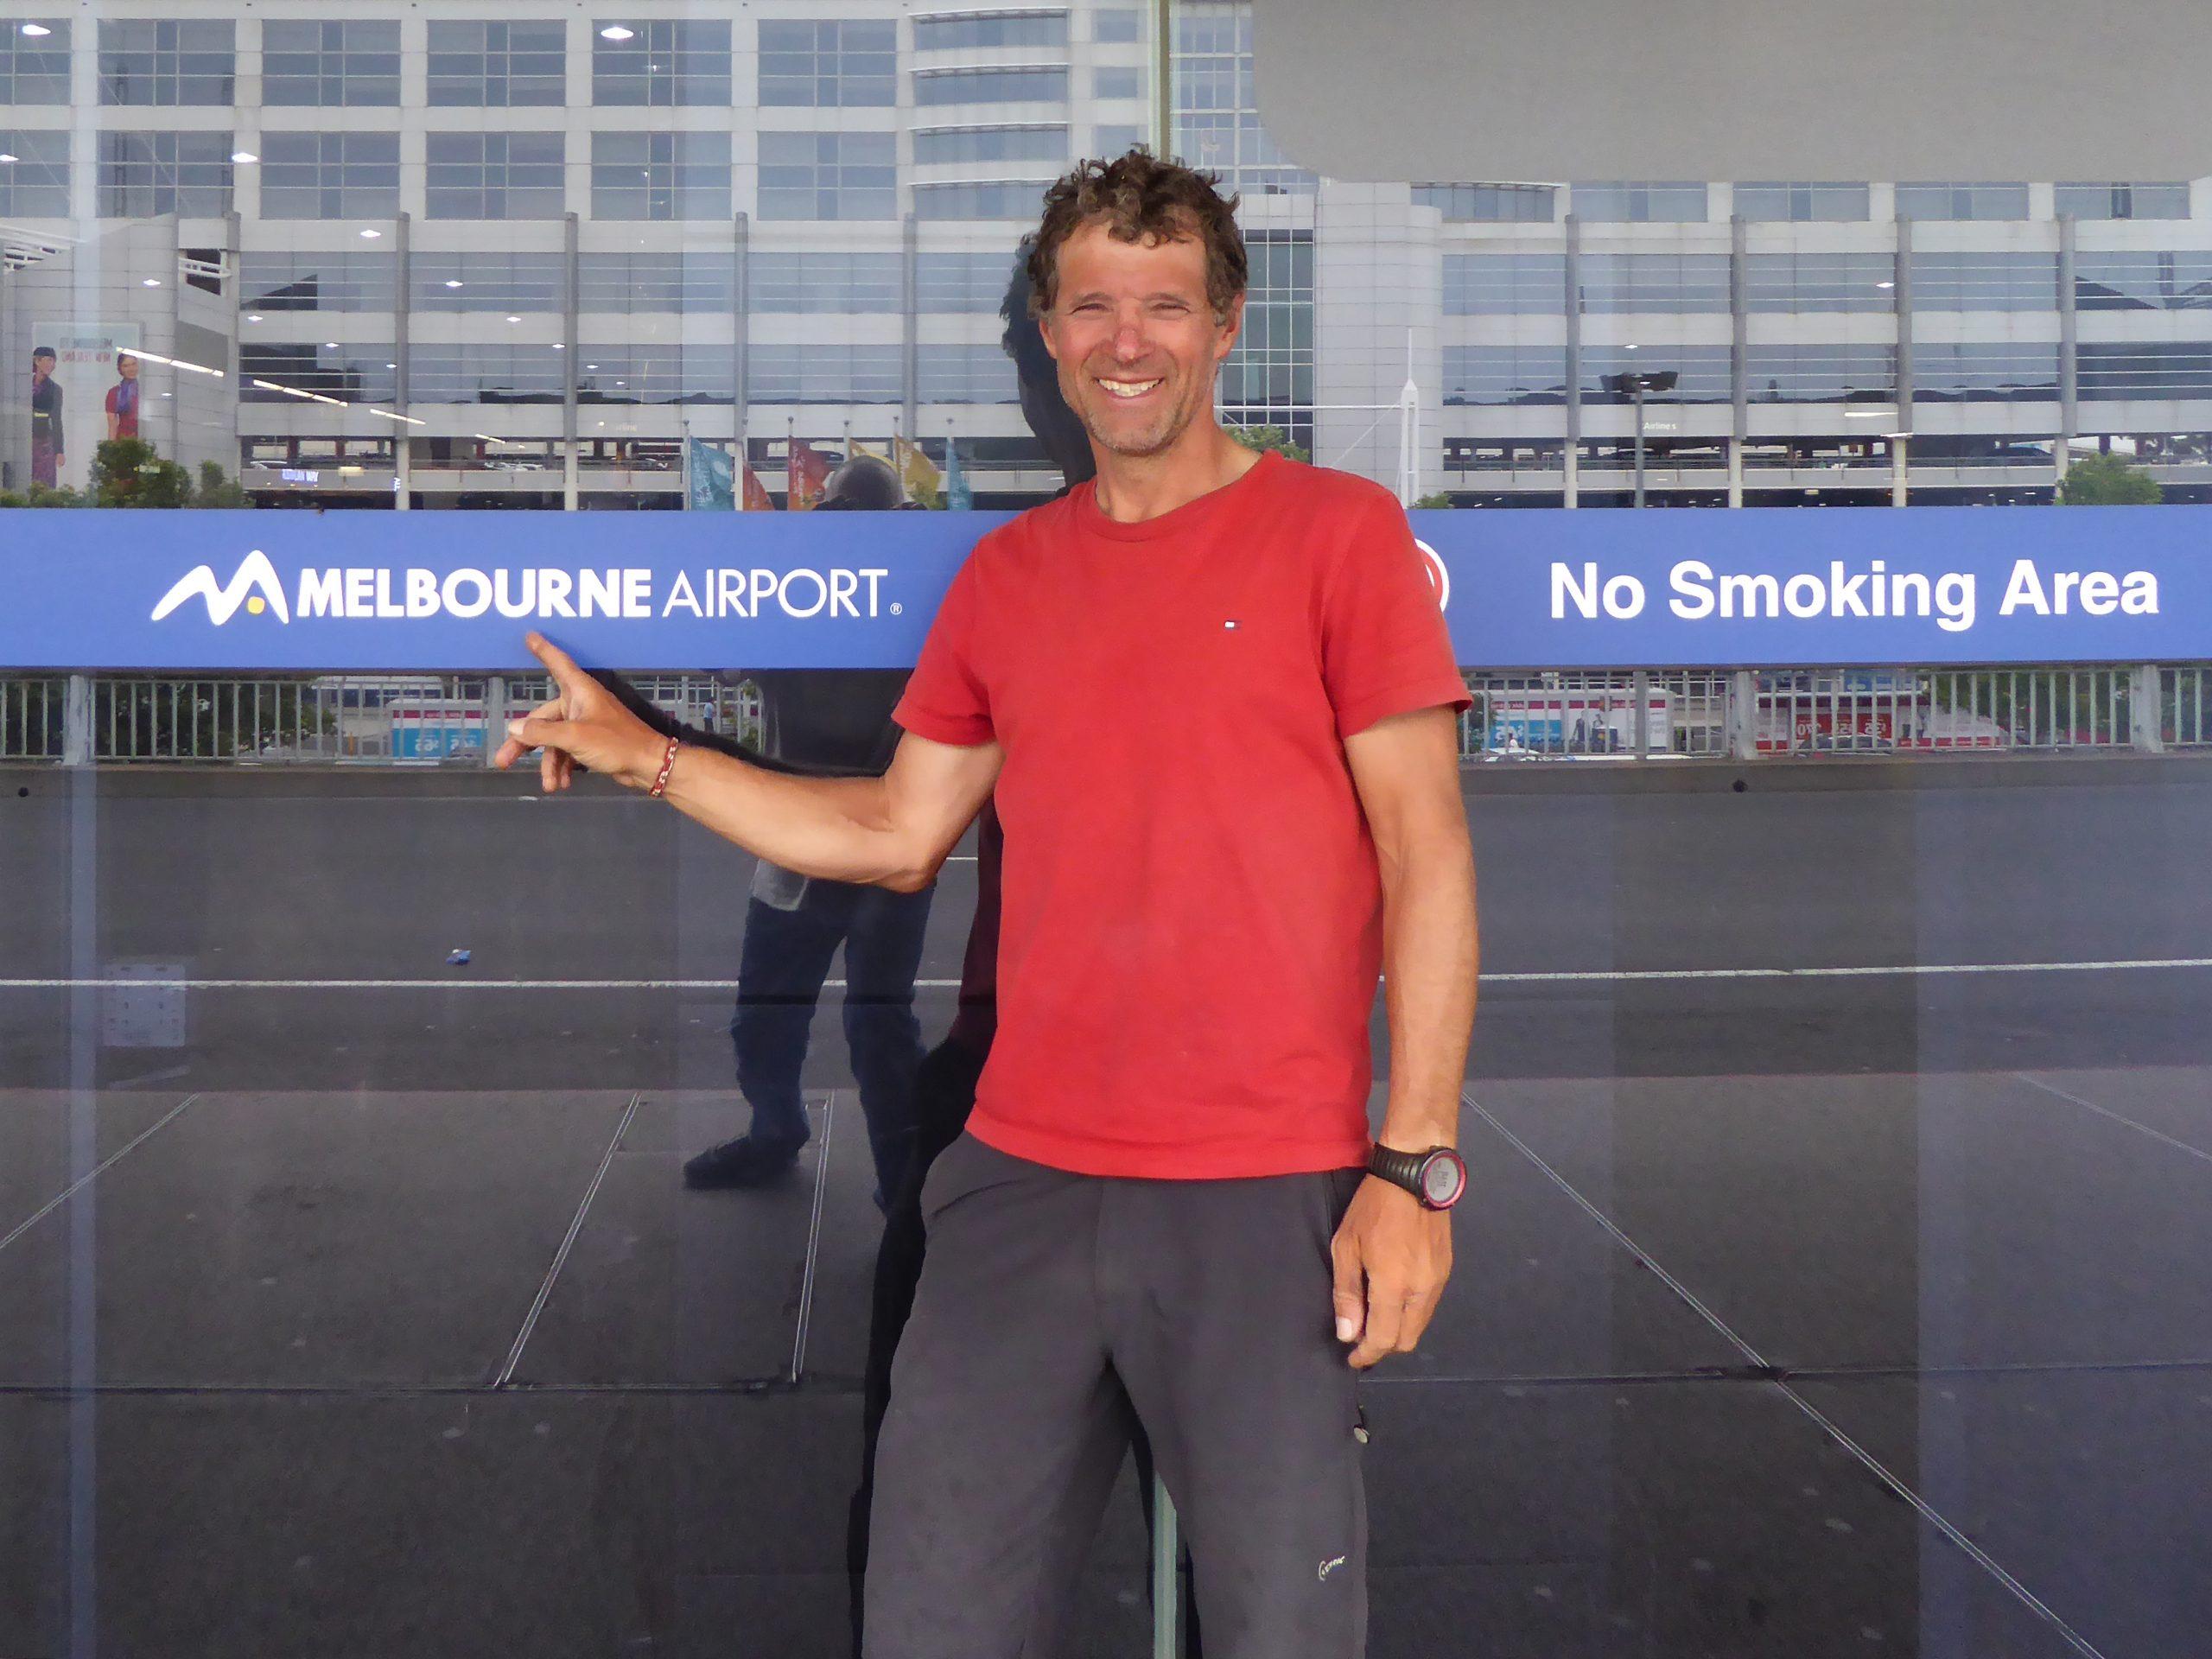 Radreise Australien 2016 - Melbourne Airport